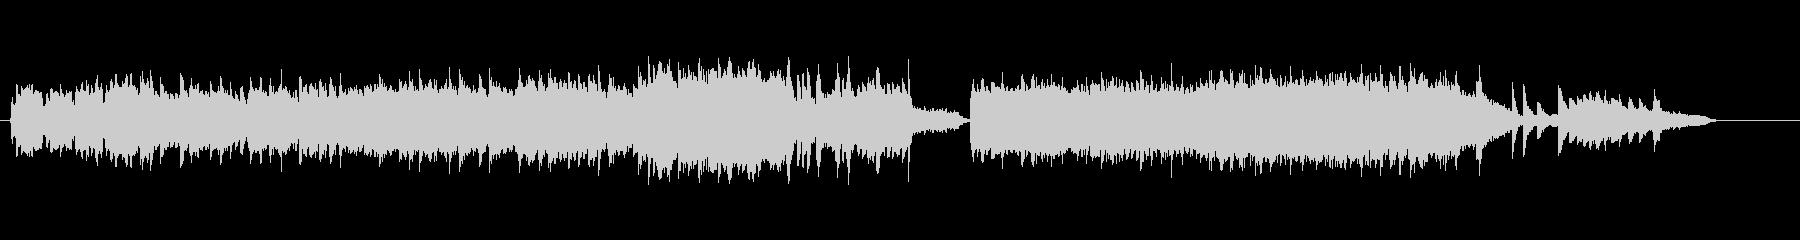 ピアノとストリングスによるロマンチック曲の未再生の波形